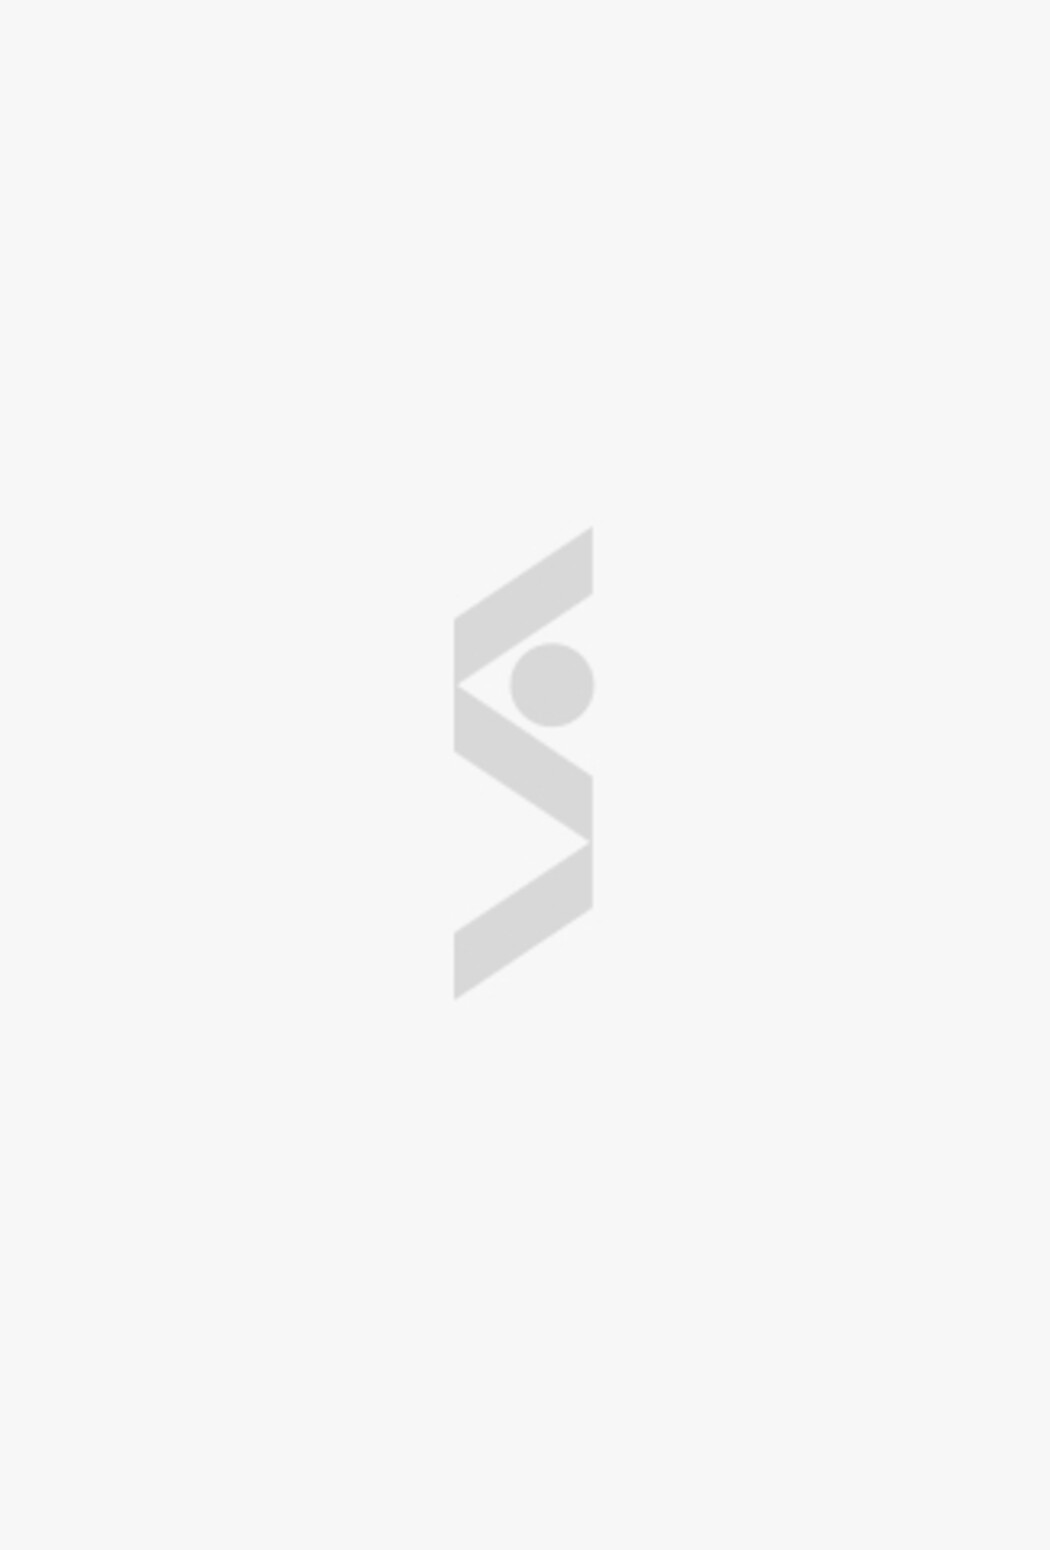 Топ асимметричного кроя PENNYBLACK - цена 3750 ₽ купить в интернет-магазине СТОКМАНН в Москве